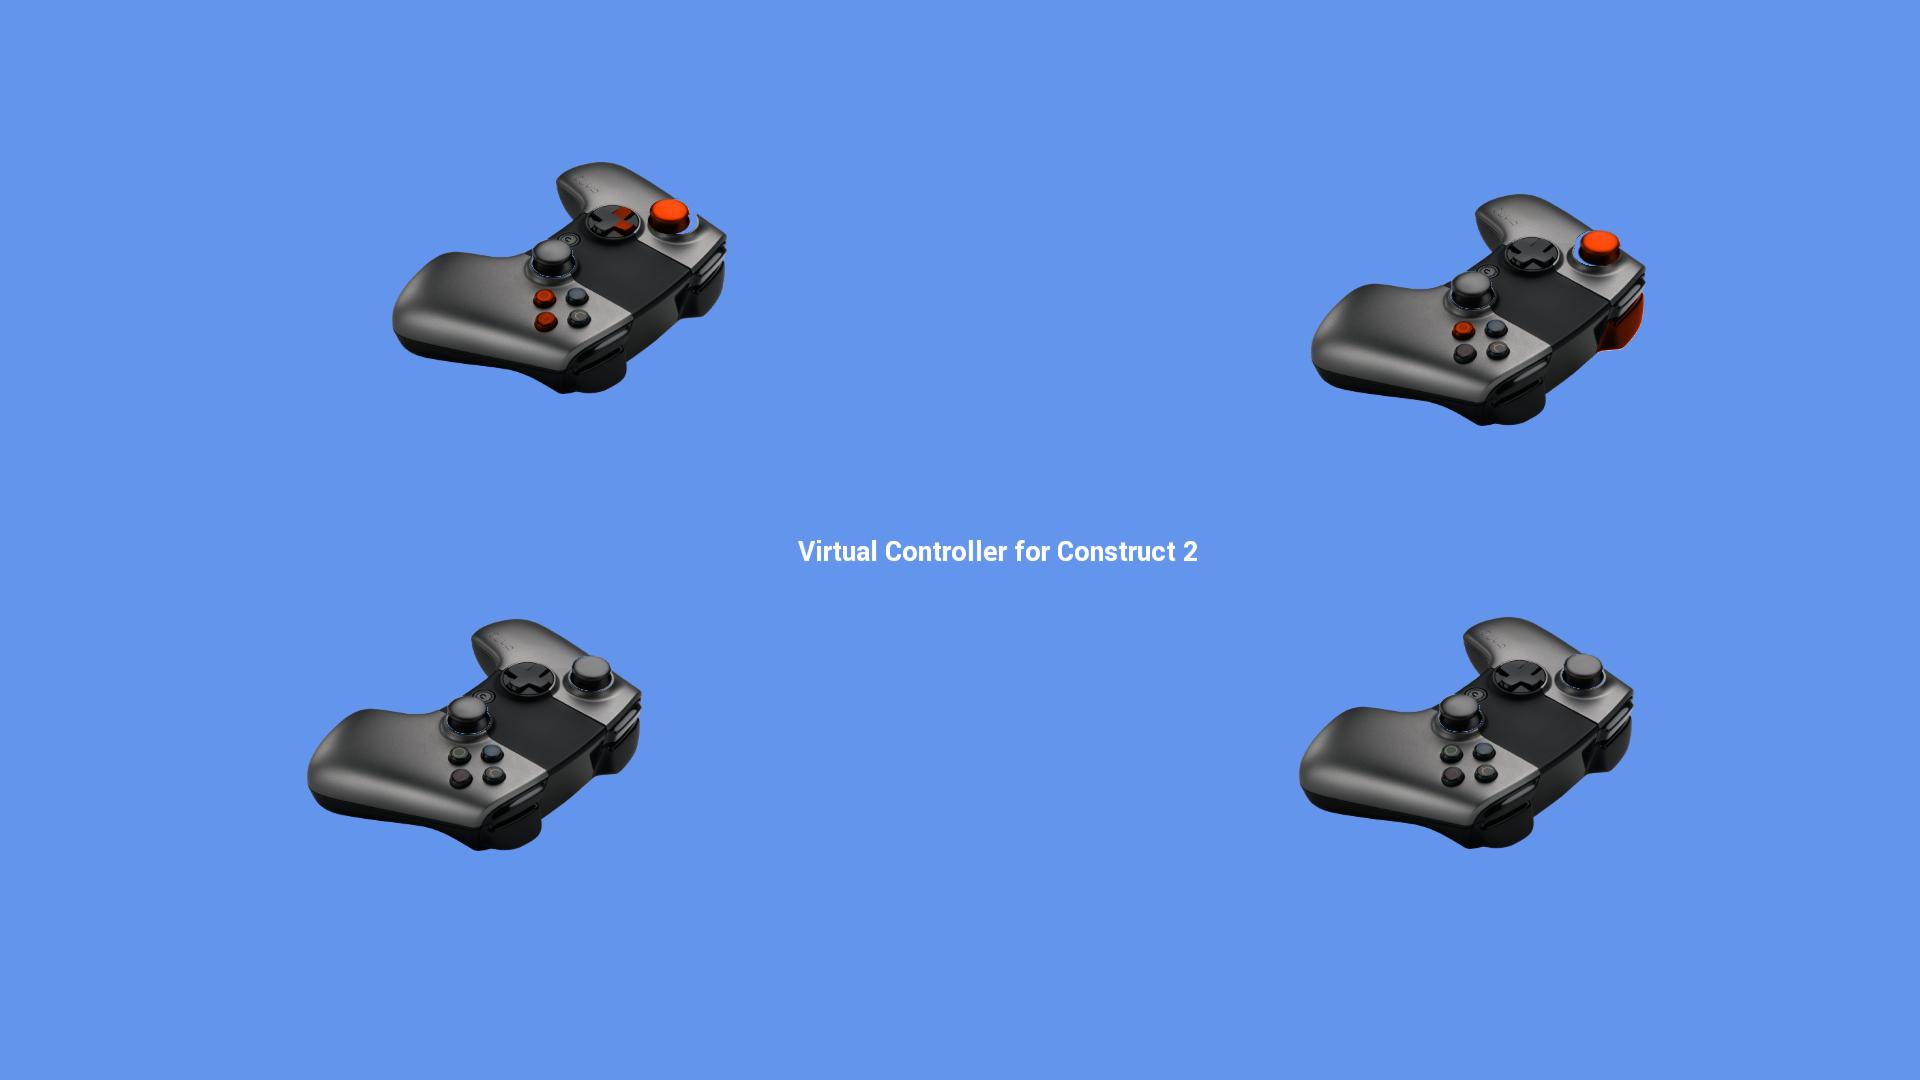 Virtual Controller Example